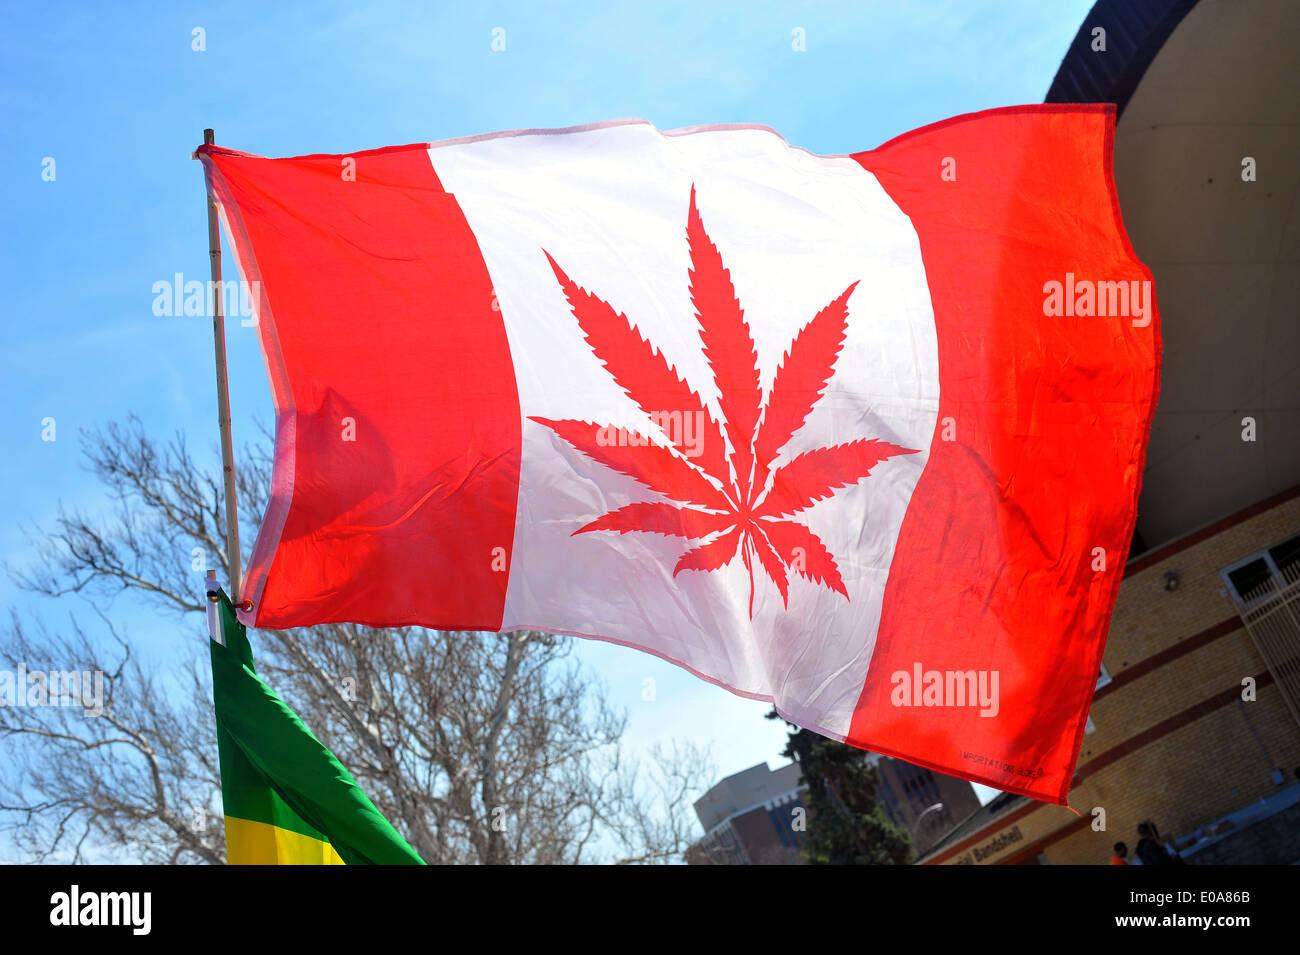 Bilder vom jährlichen 420 pro Cannabis Tag in London, Ontario am 20. April 2014 statt. Stockbild